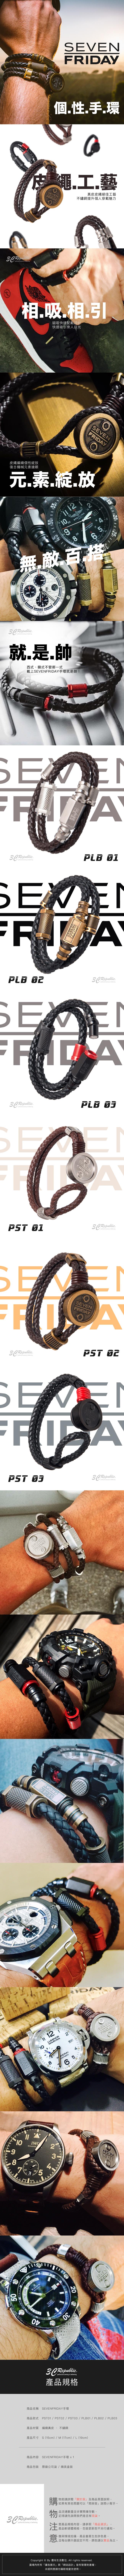 sevenfriday手環